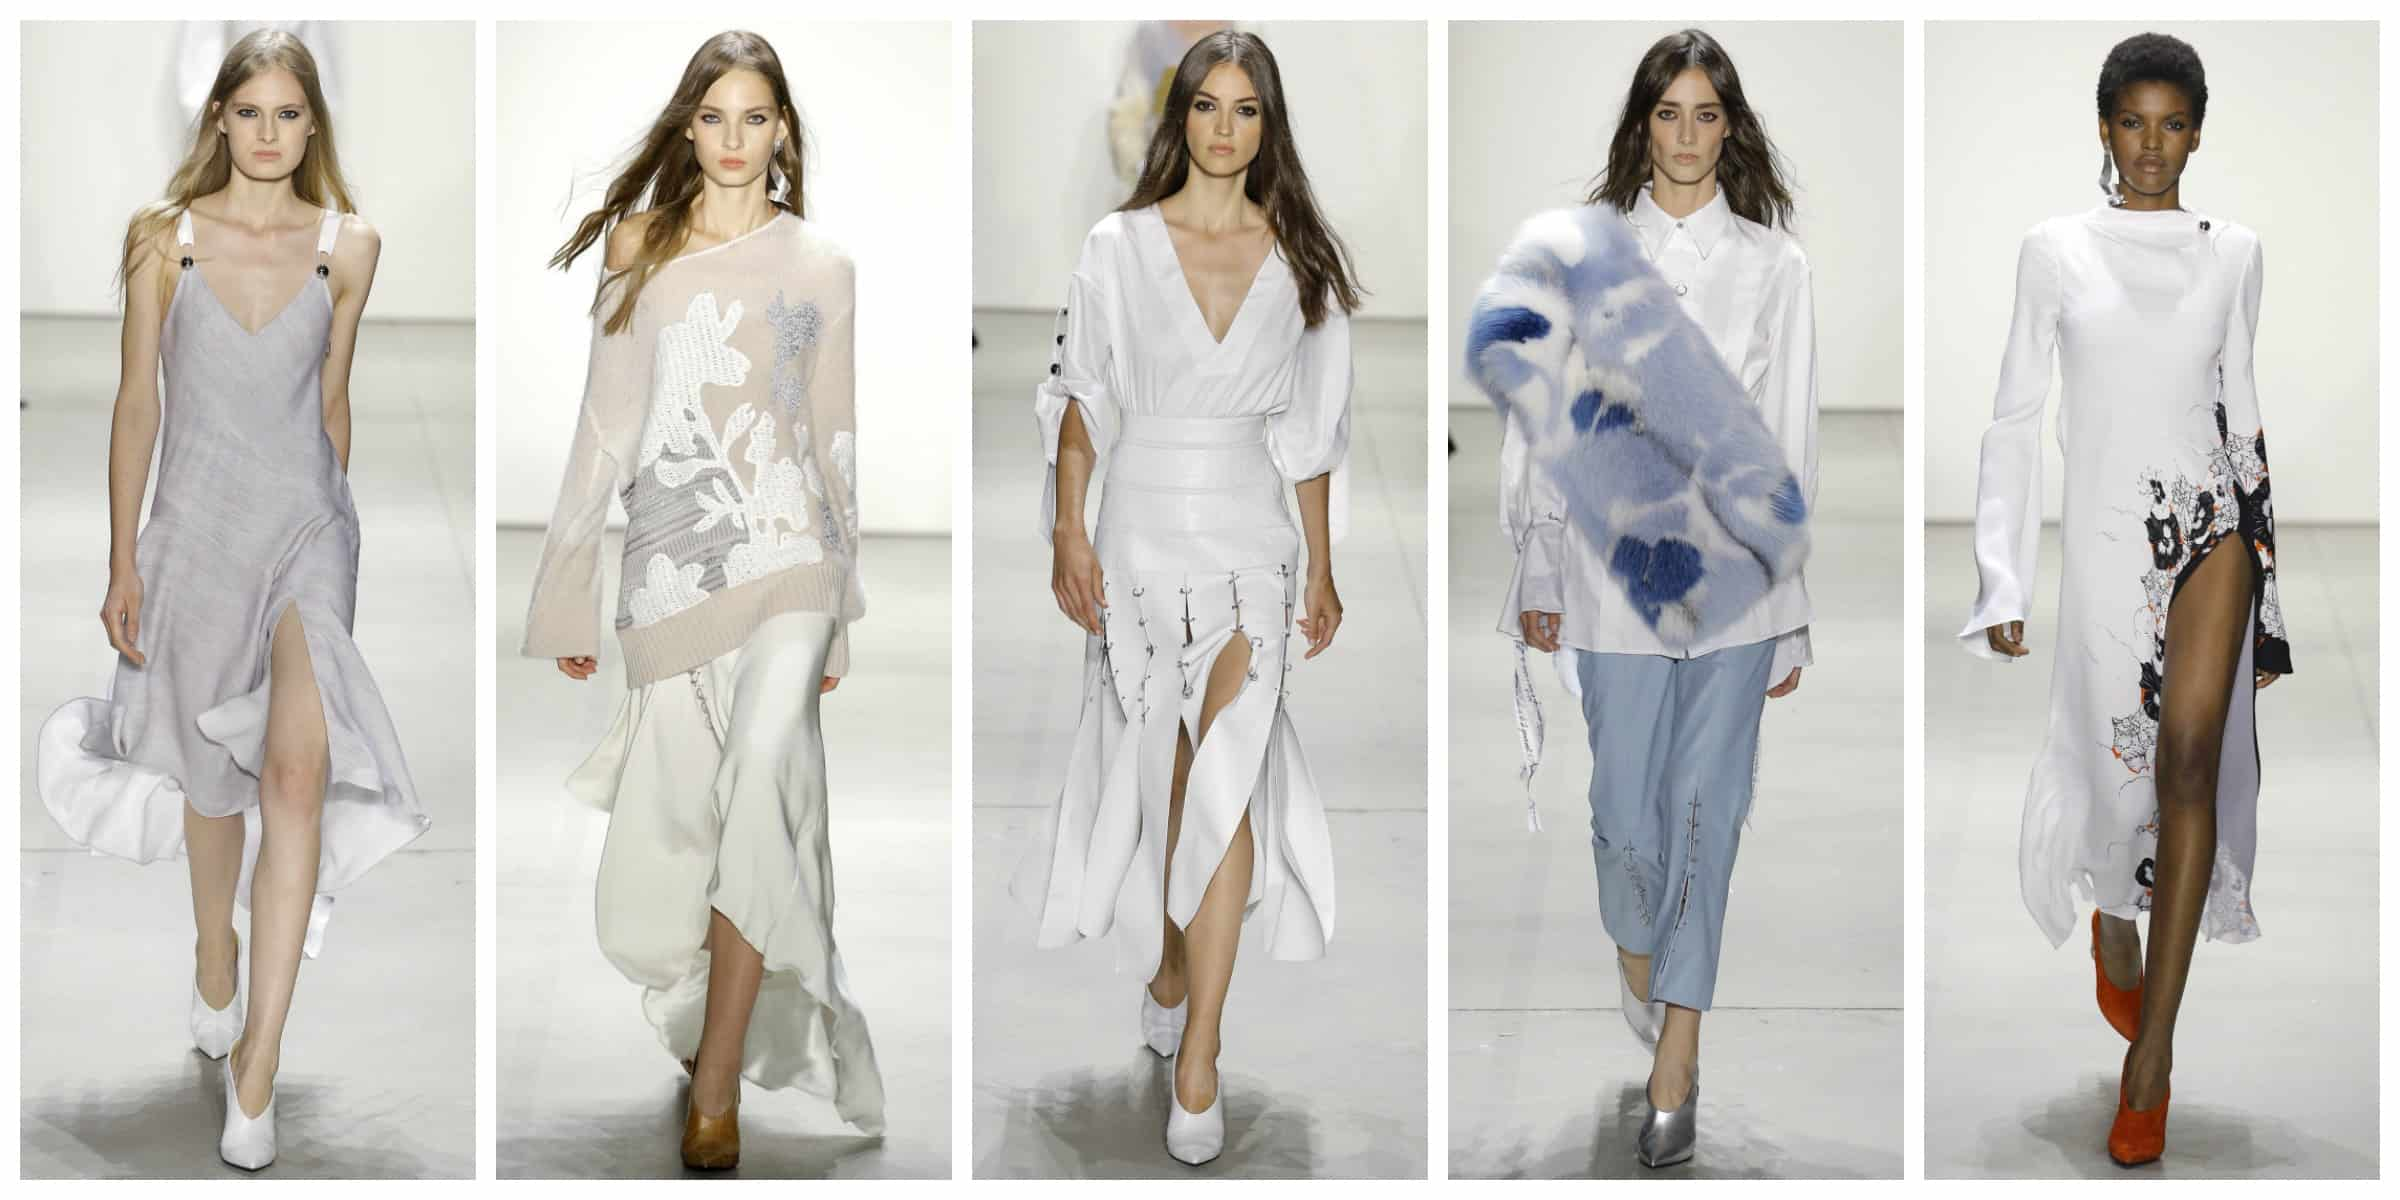 New York Fashion Week Spring 2017 - Prabal Gurung